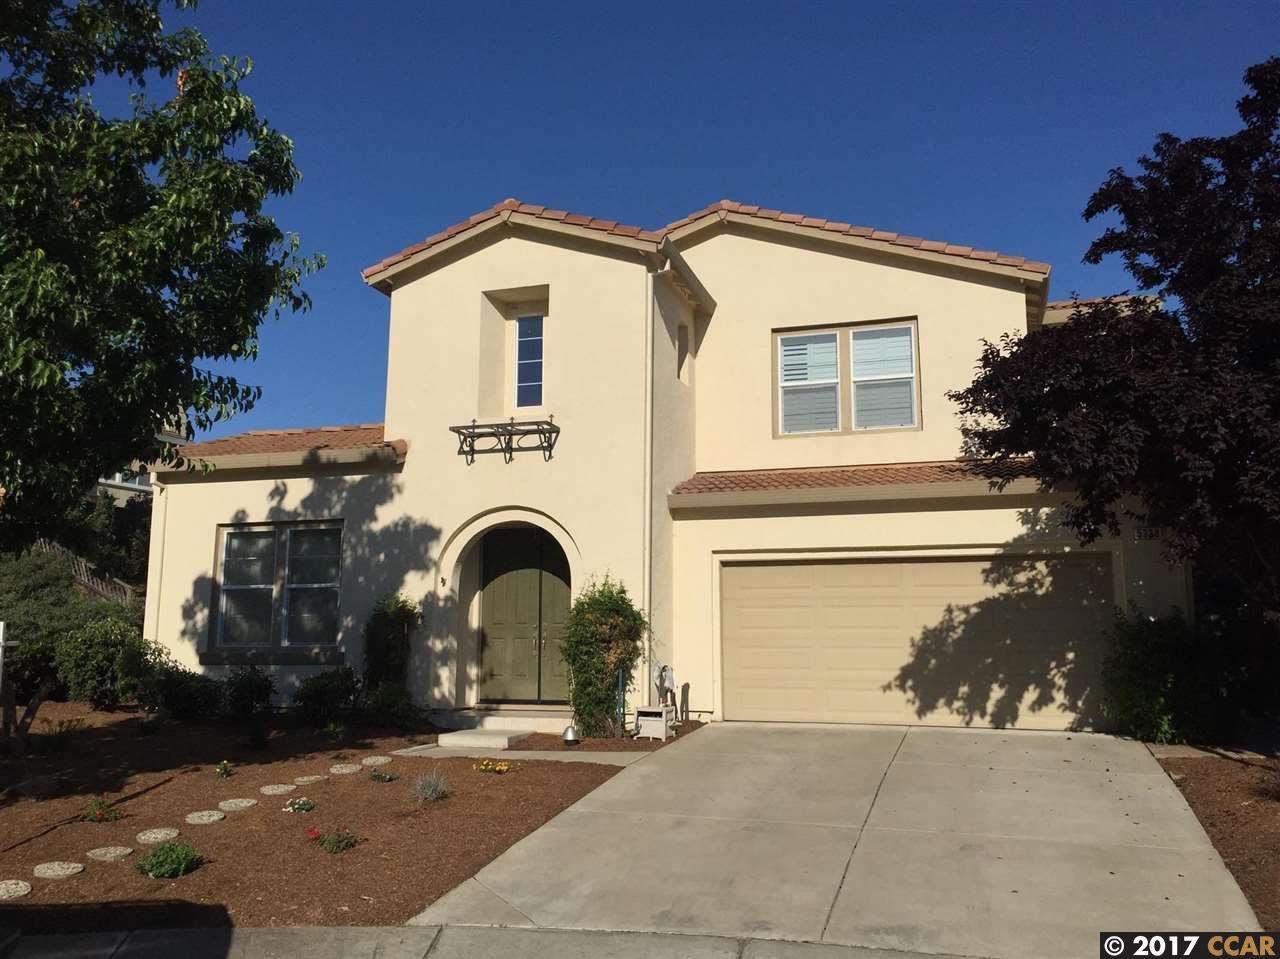 Maison unifamiliale pour l Vente à 5338 Swainsons Court Concord, Californie 94521 États-Unis